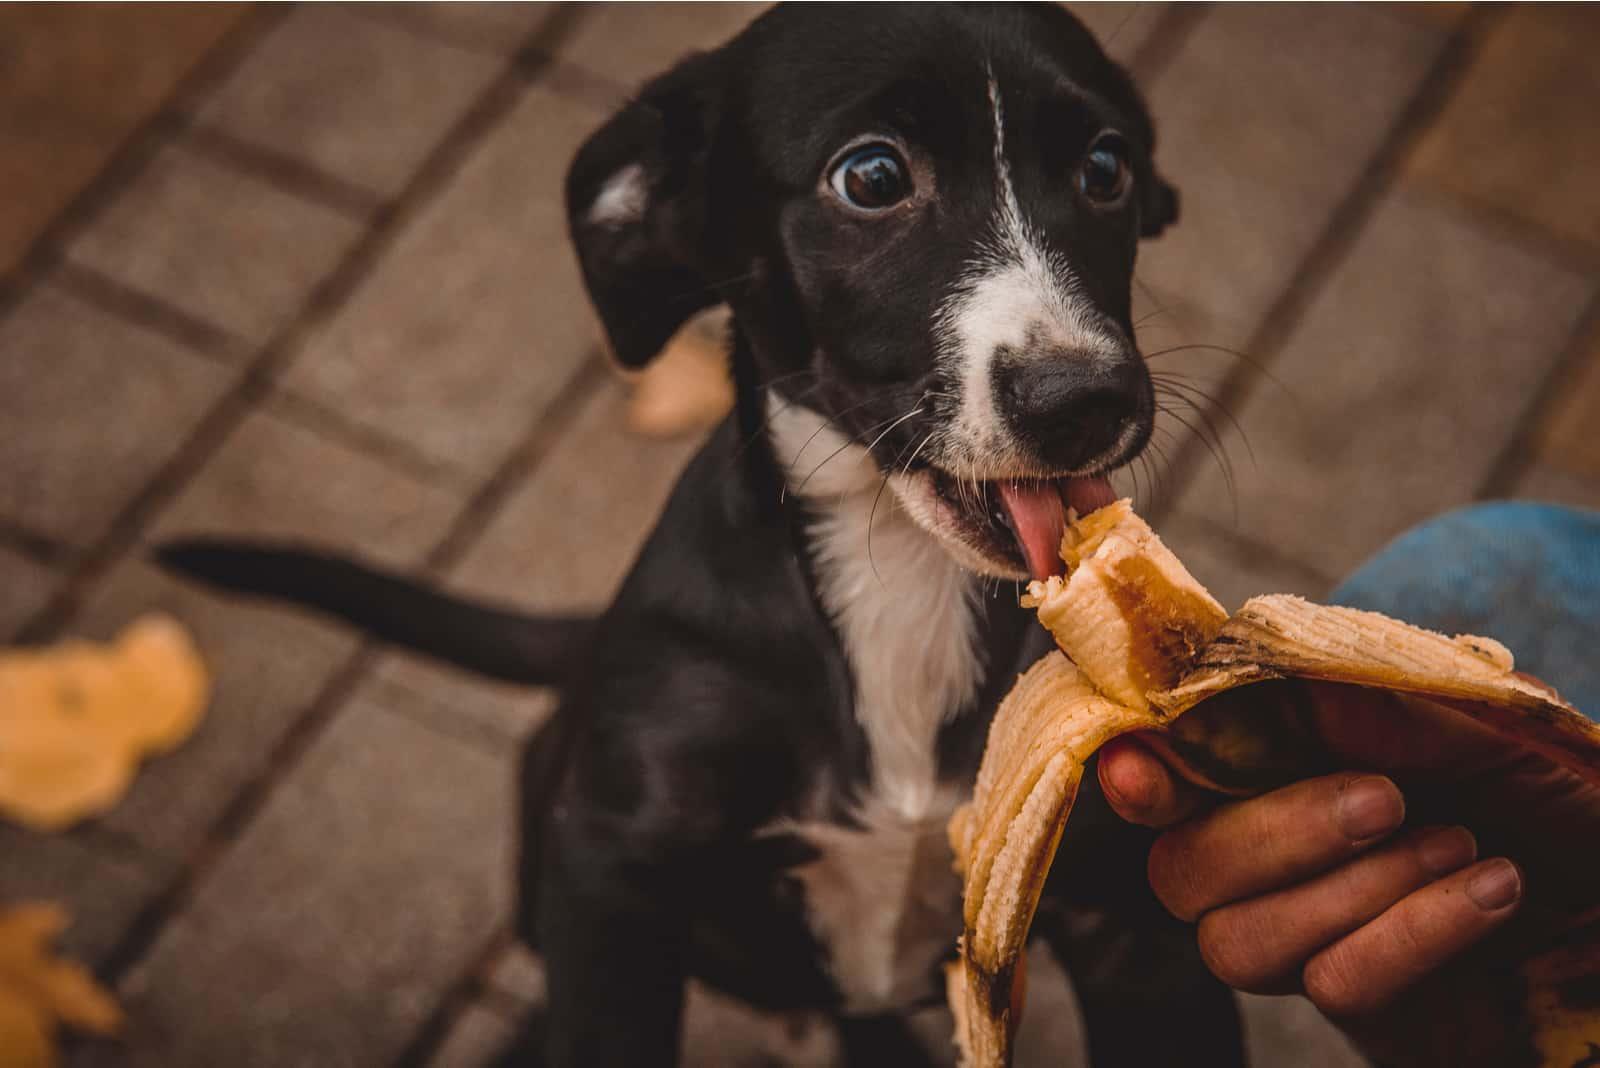 Ein süßer schwarzer Welpe frisst eine Banane aus der Hand des Besitzers